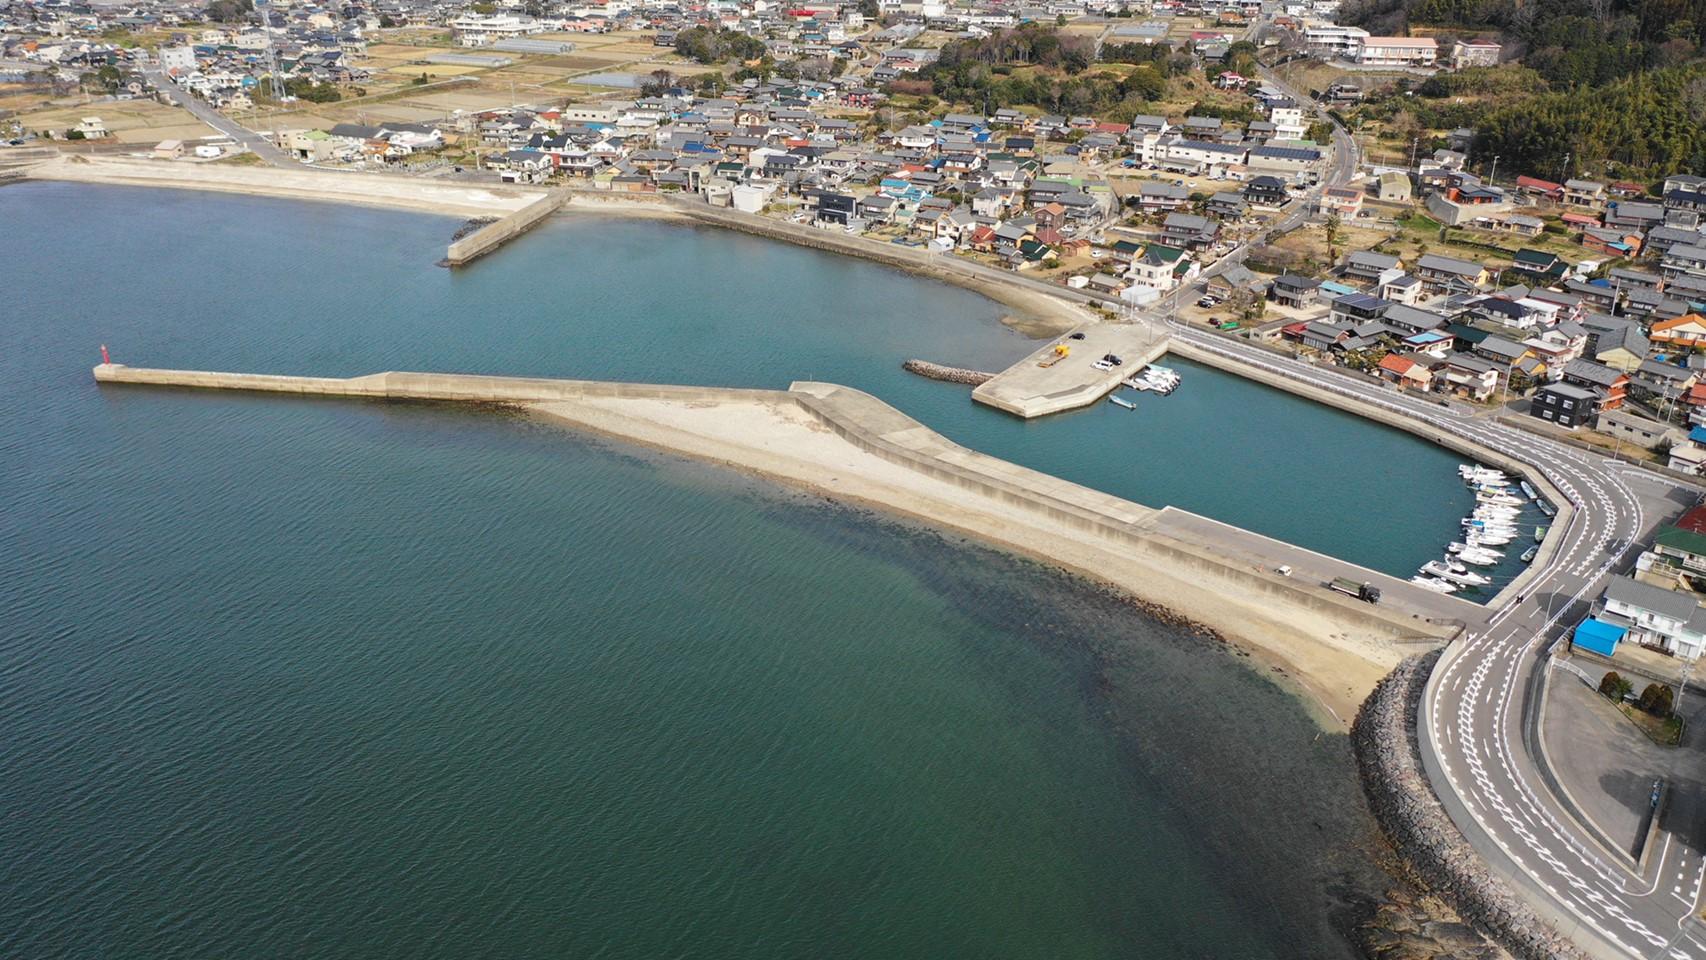 『寺部港:てらべこう』の釣り場情報ガイド(住所・駐車場・釣れる魚)